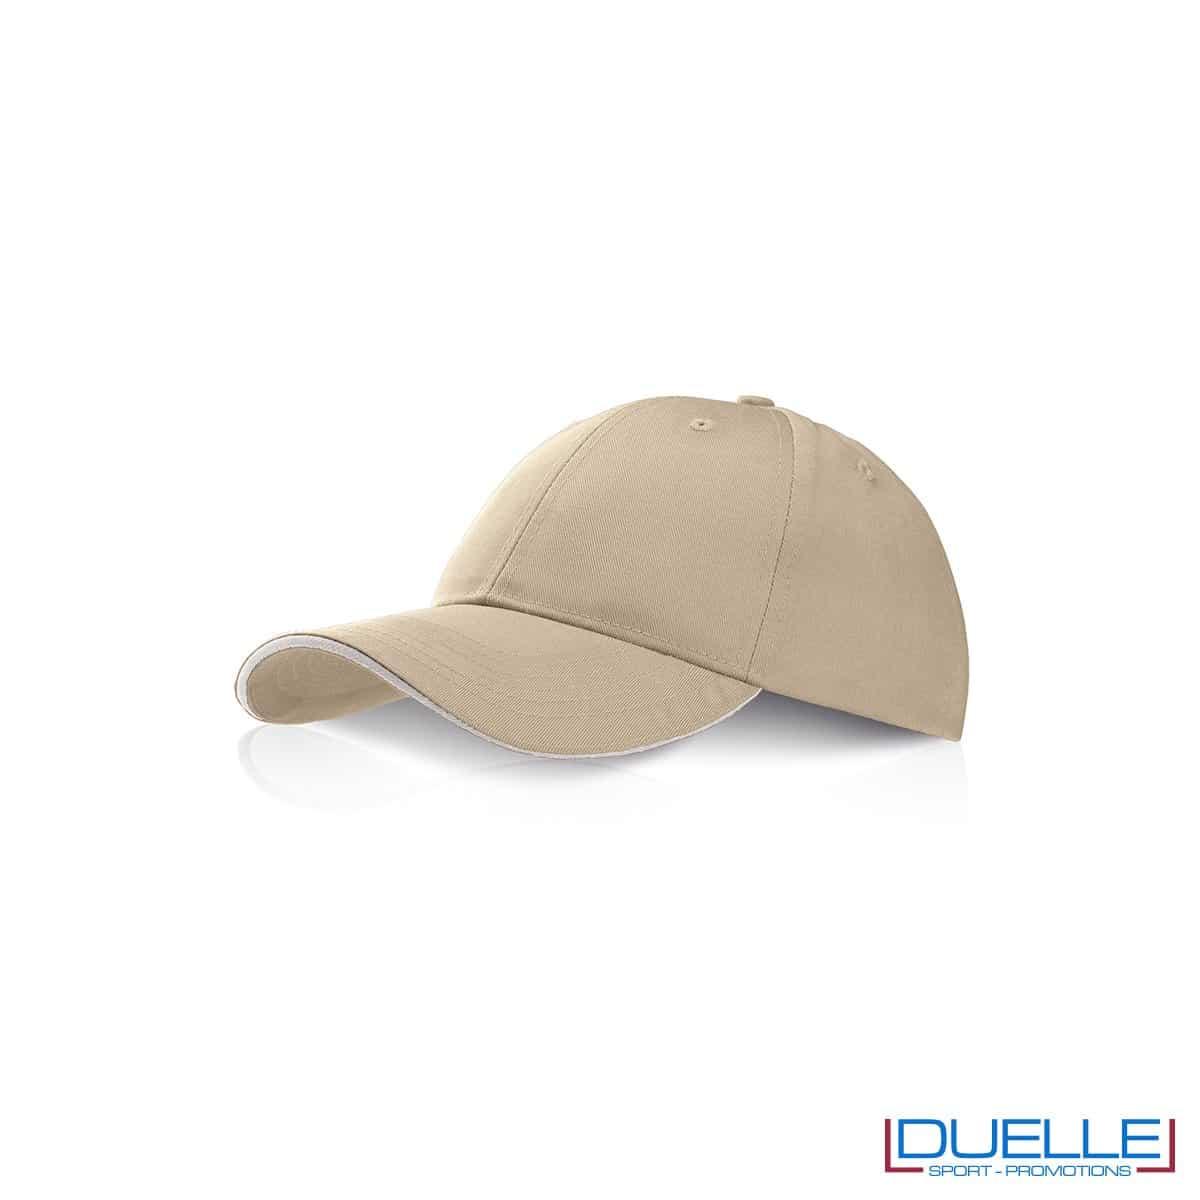 Cappellino personalizzato con visiera a sandwich beige, cappellini promozionali beige